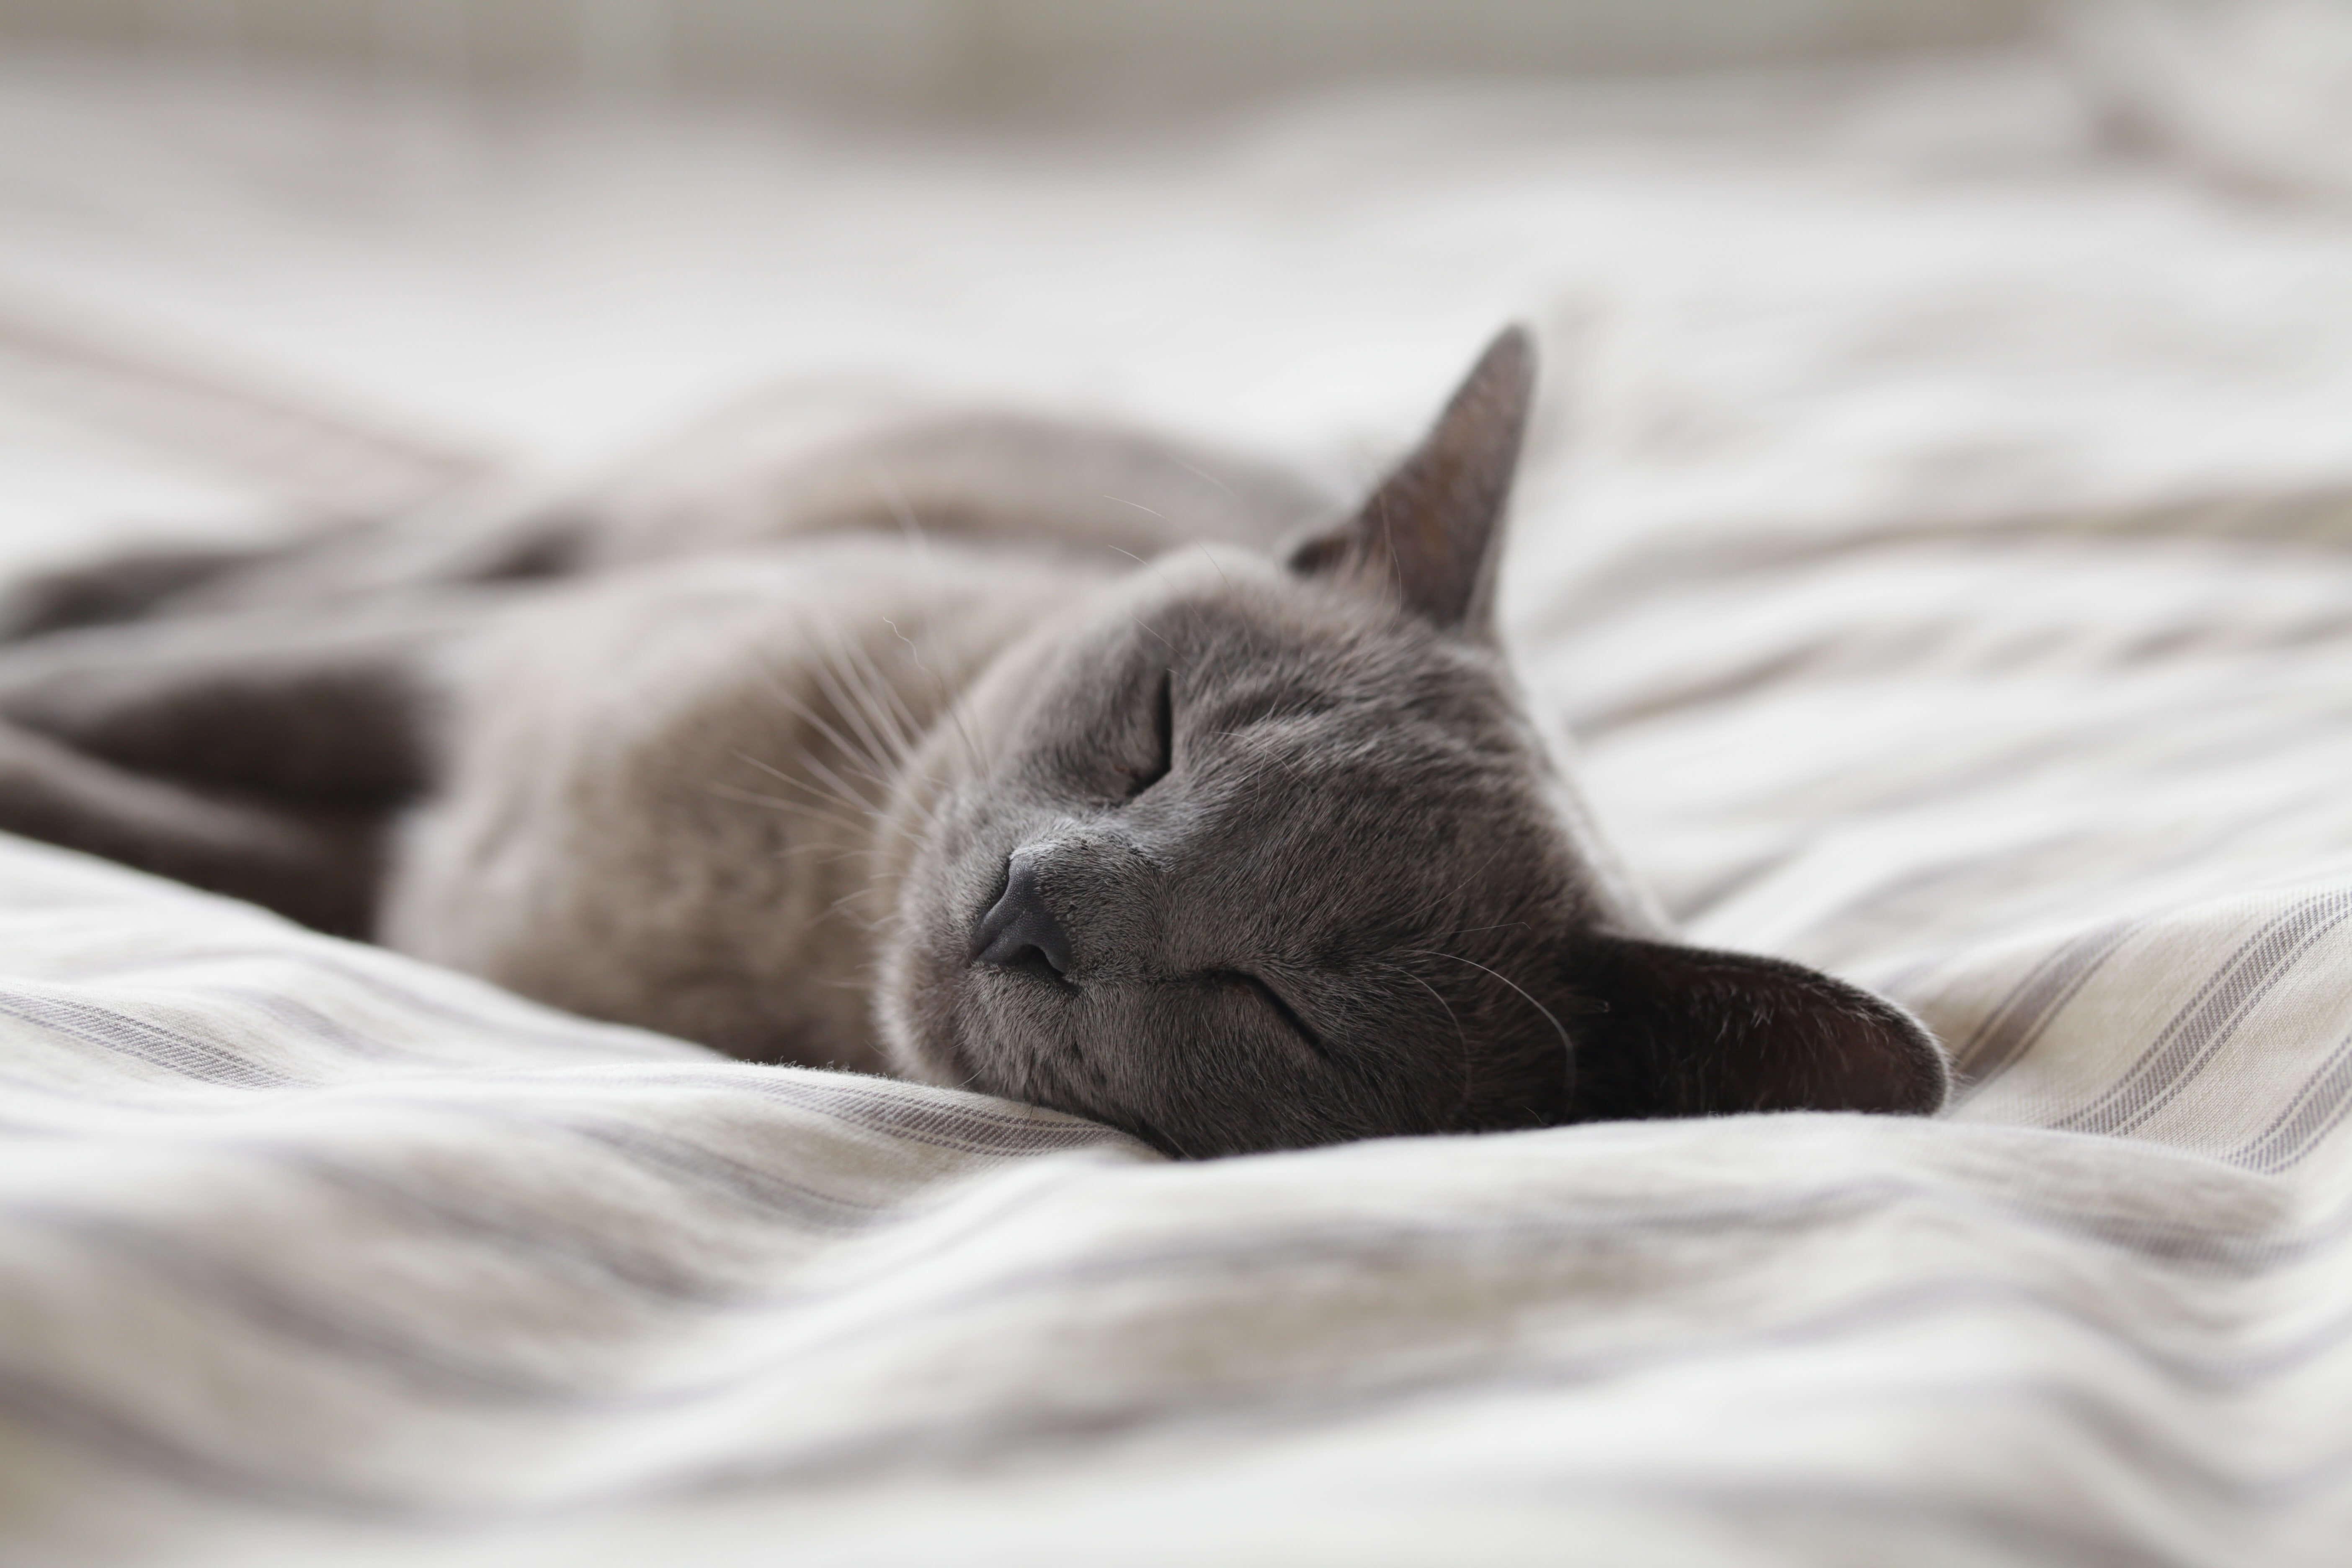 「寝過ごす」は起床時刻を過ぎること